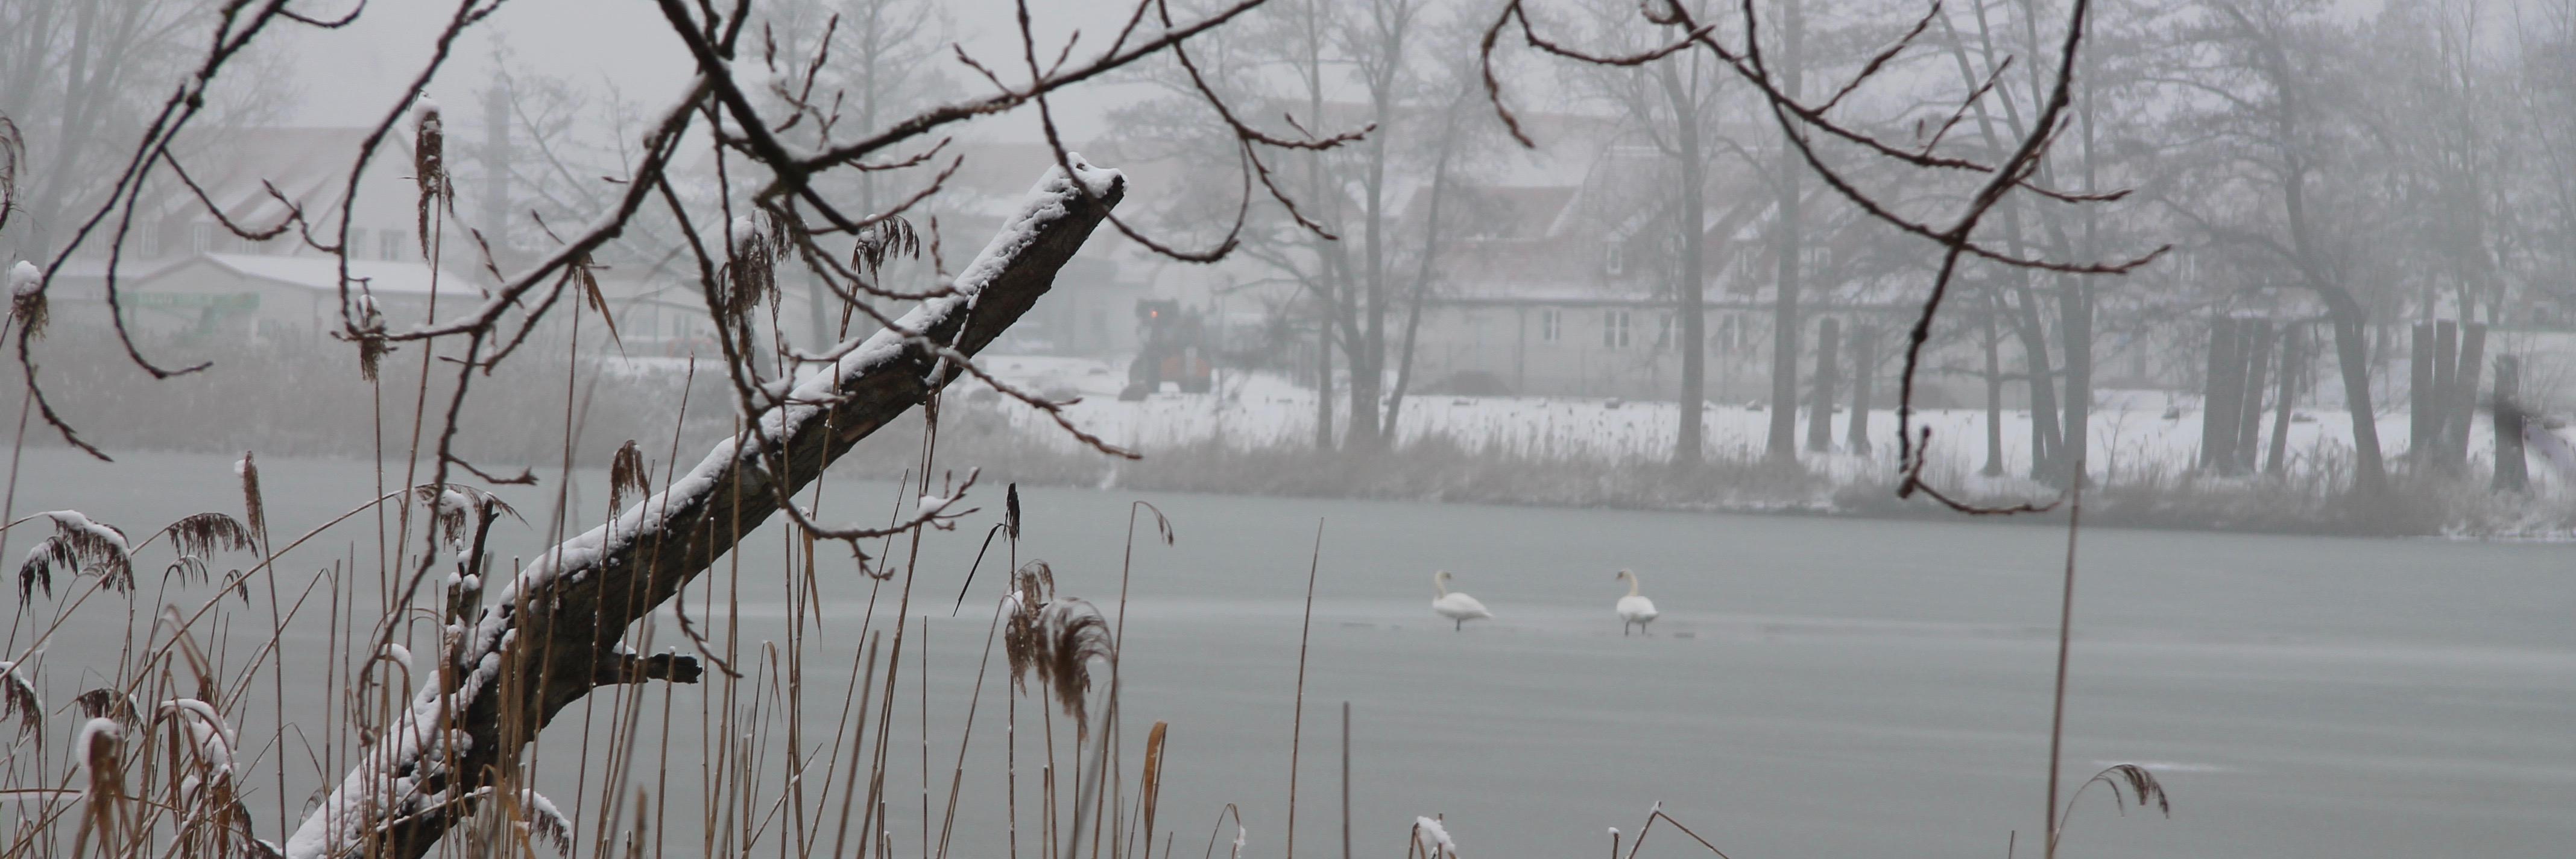 180301 Klietz Winter 19400